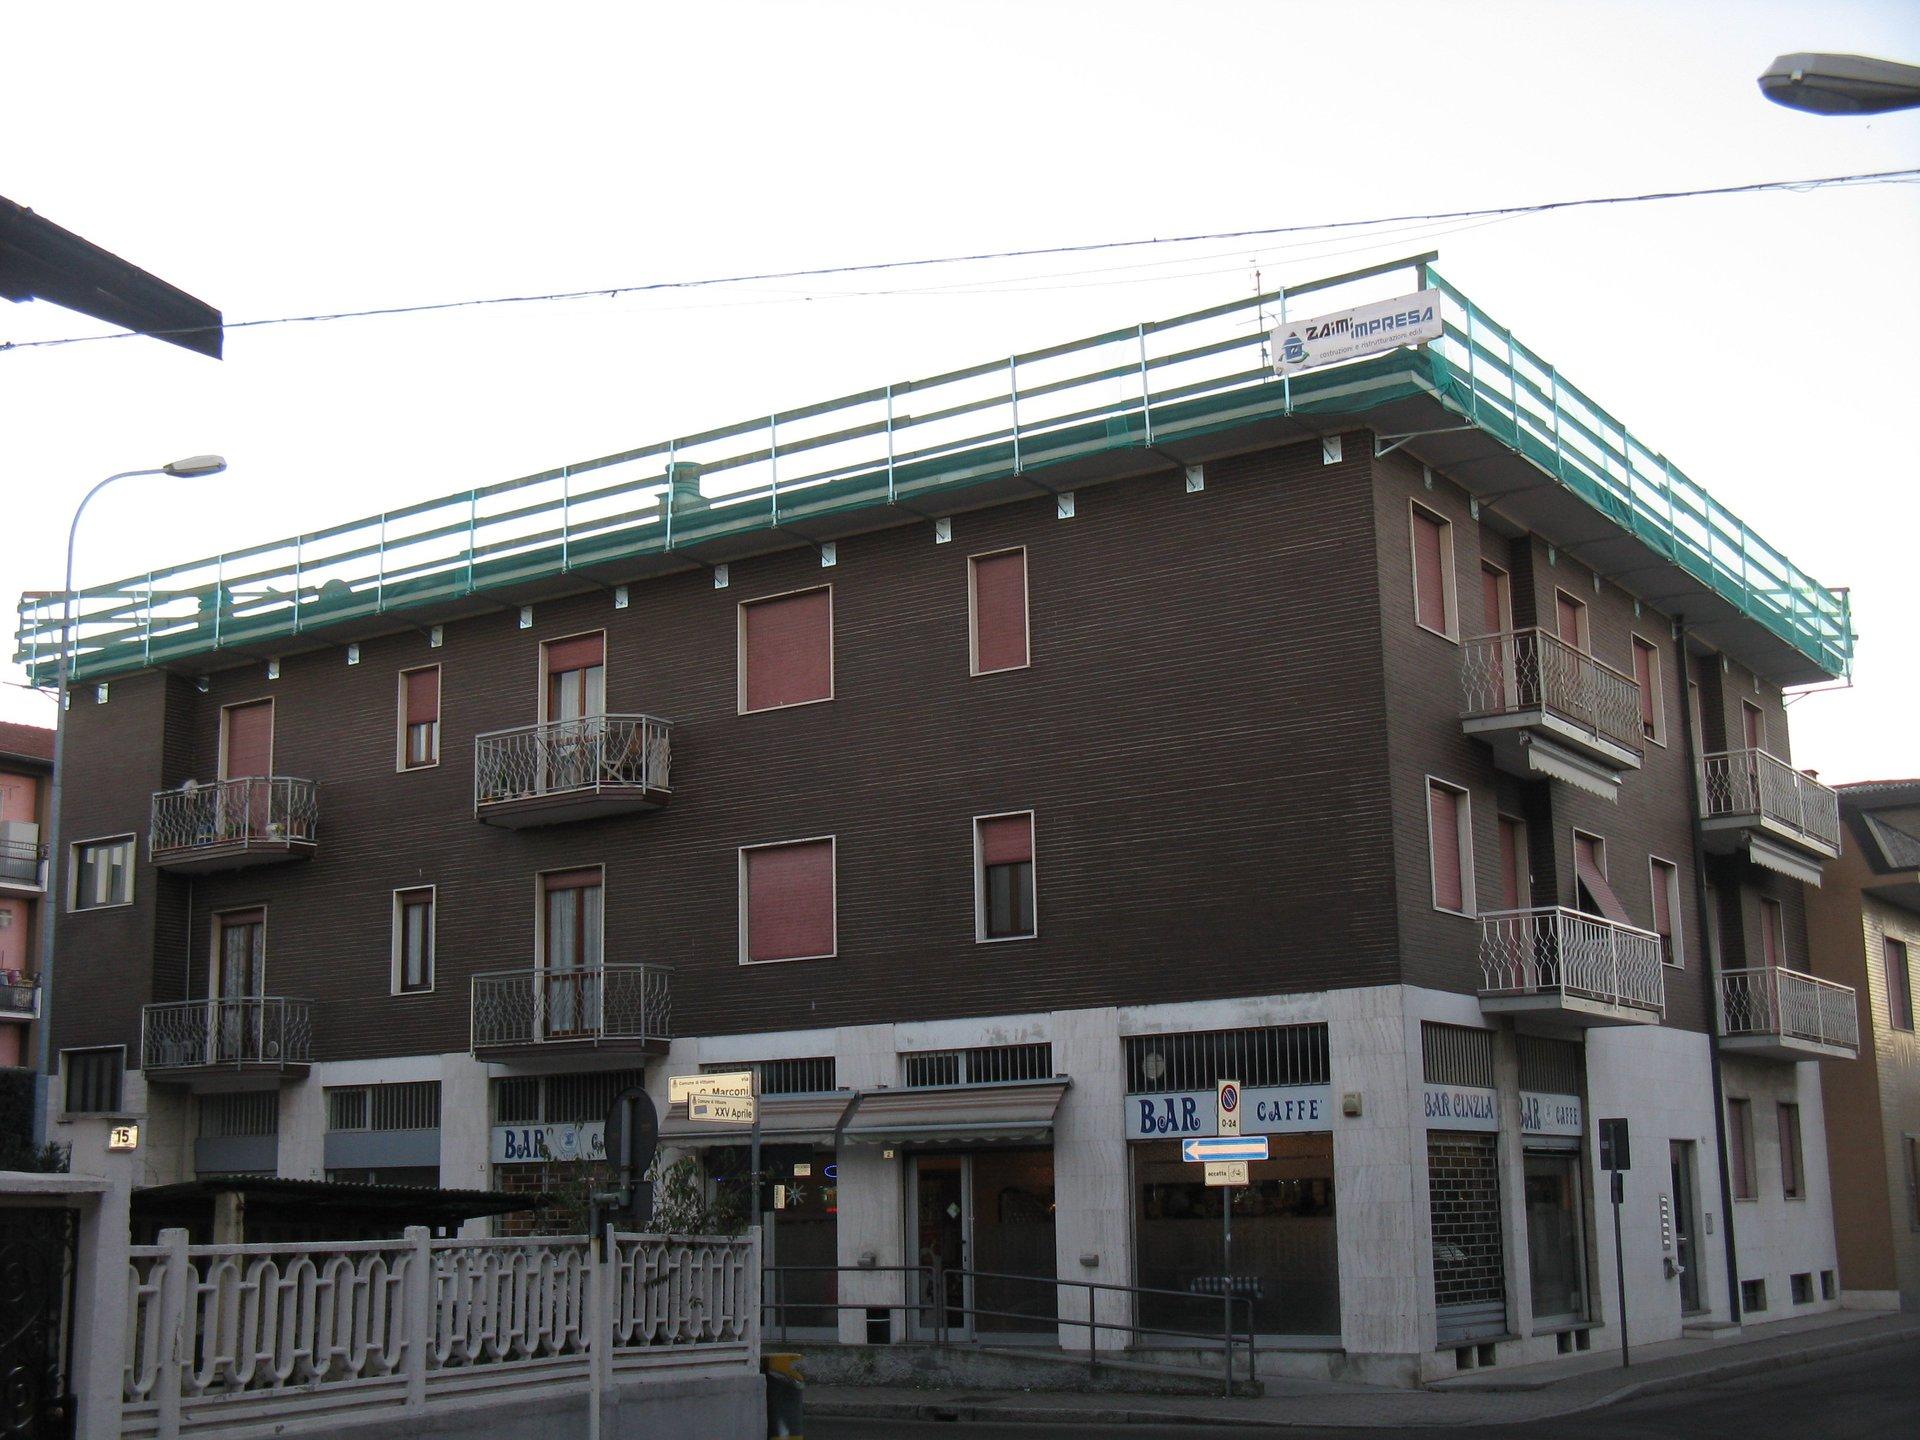 vista esterna di un edificio con parete in legno, balconi e finestre